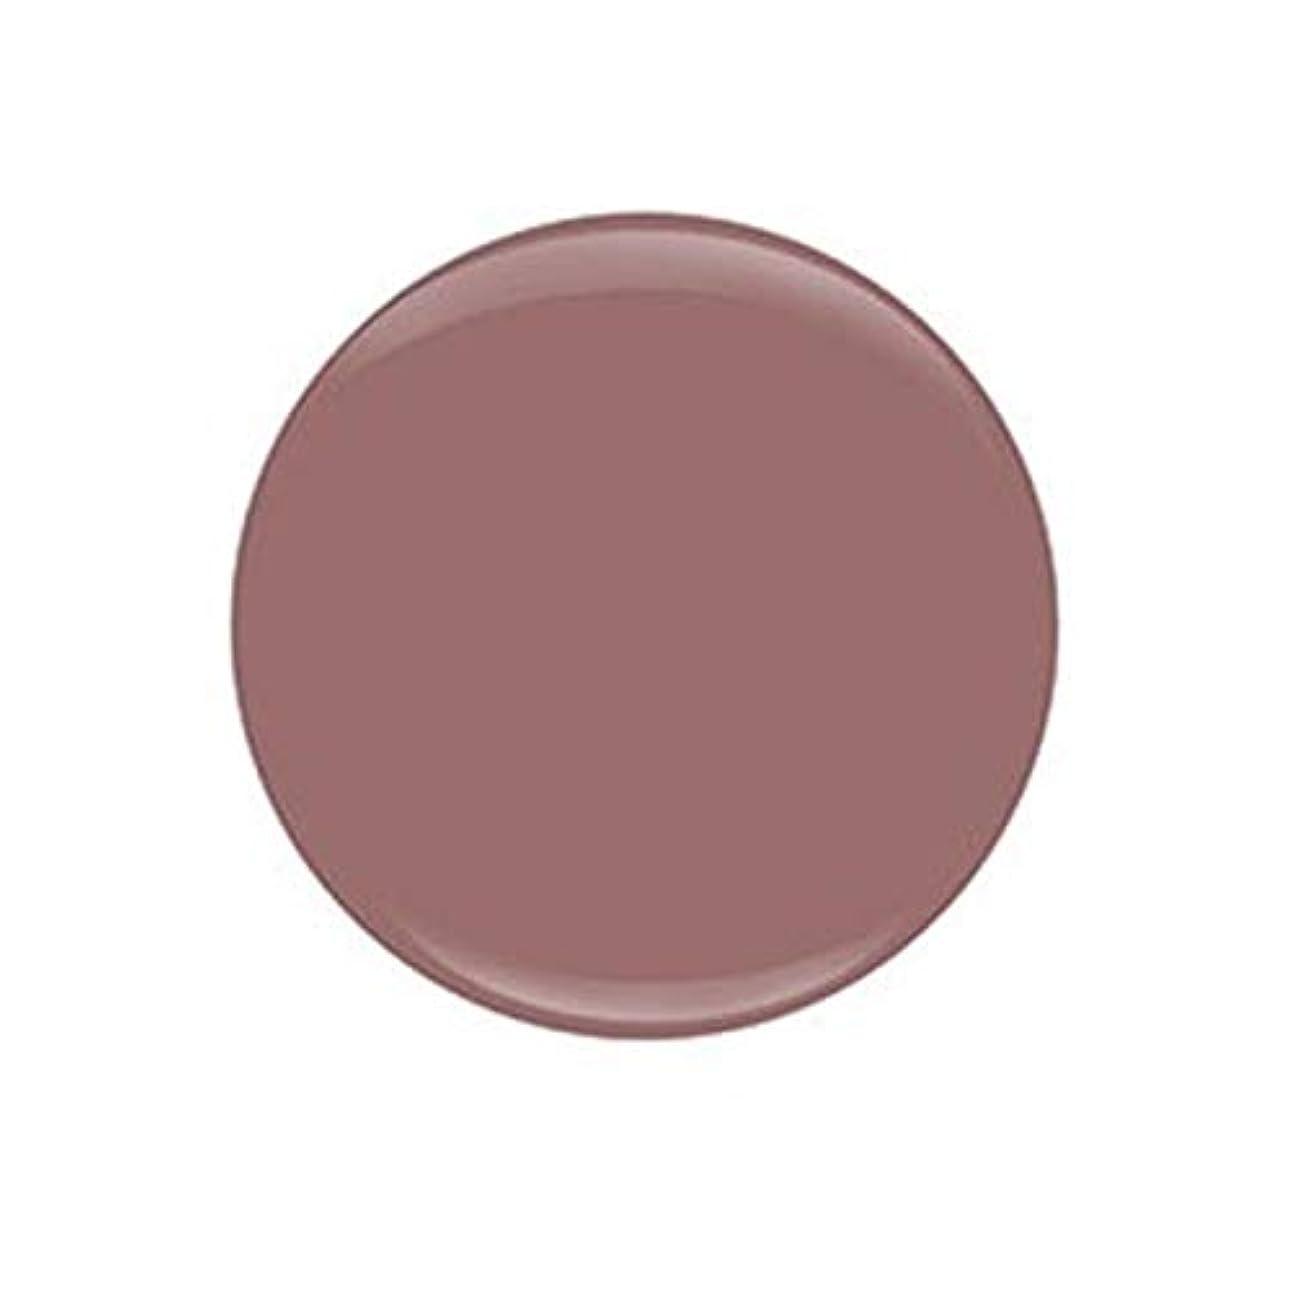 影響を受けやすいです認可家具Entity One Color Couture Gel Polish - Classic Pace - 0.5oz/15ml